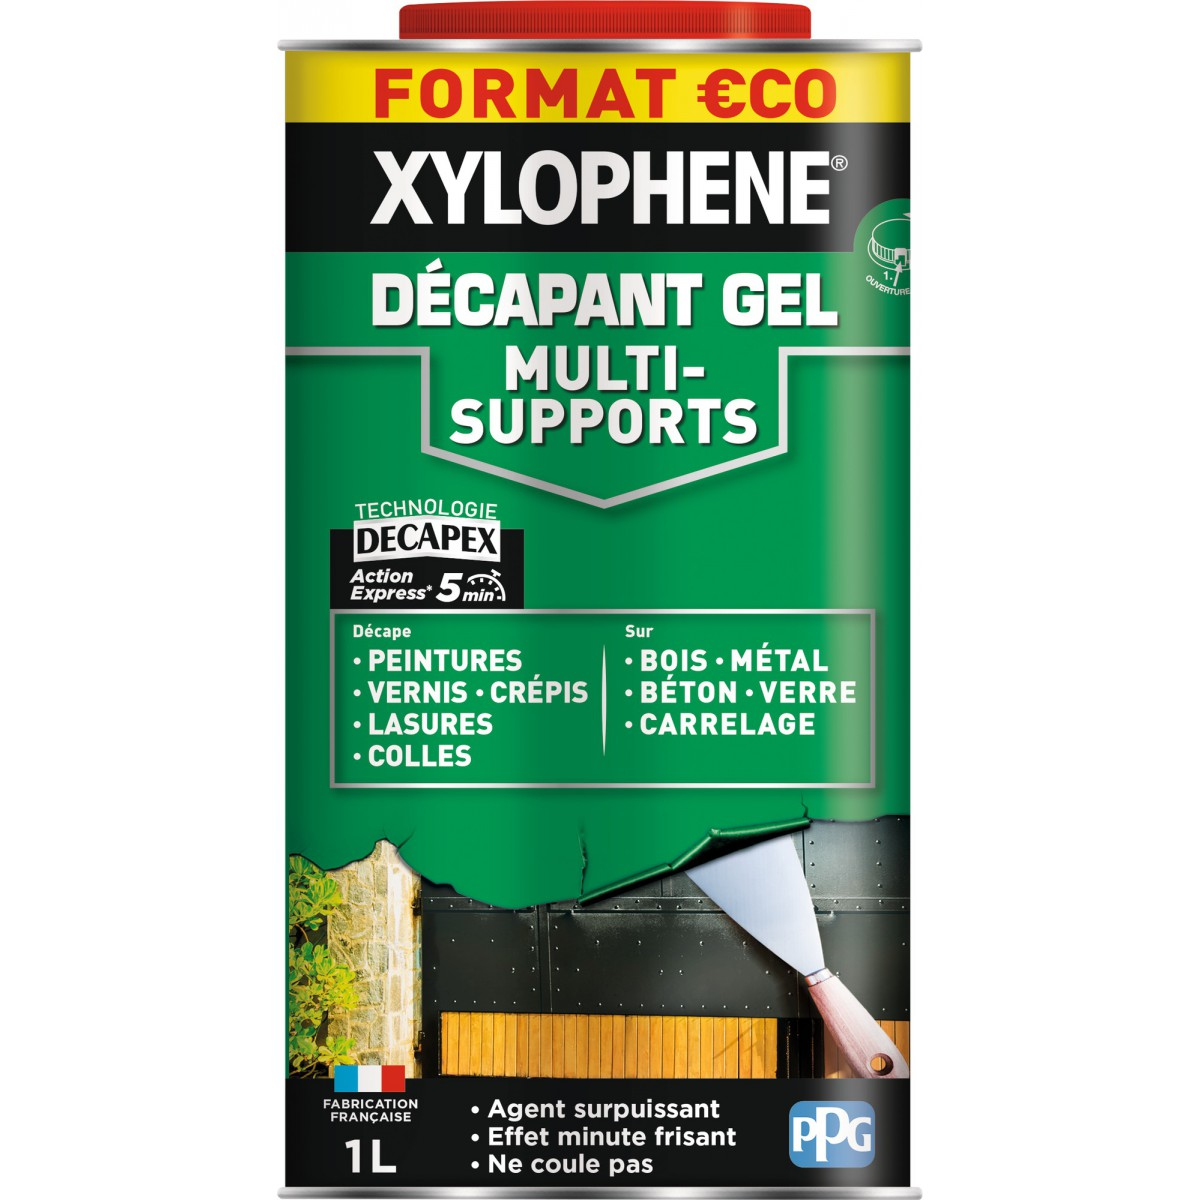 Décapant gel multi-supports Xylophène - 1l